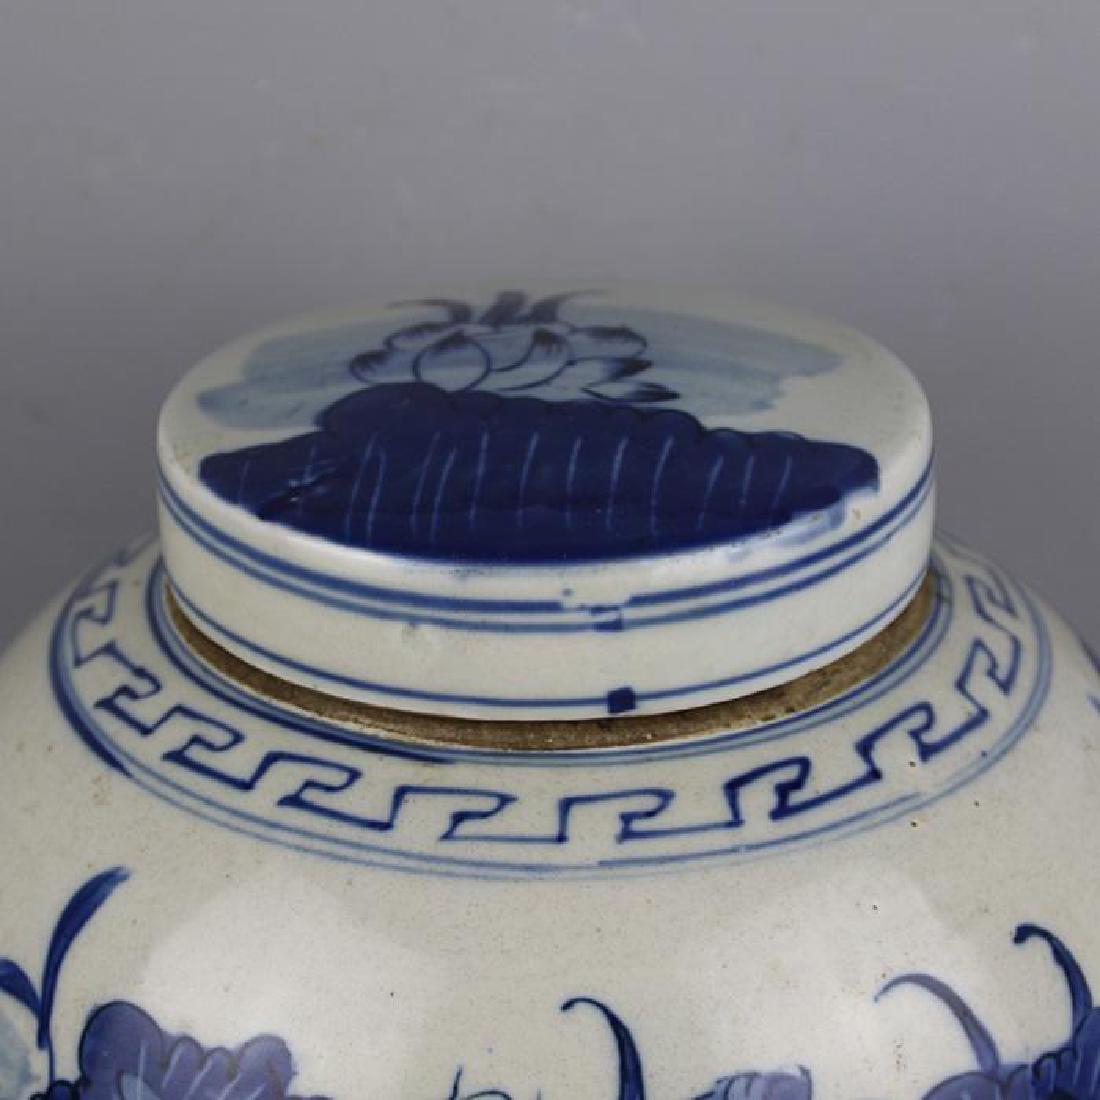 Chinese Qing Dynasty Blue & White Glazed Porcelain Ewer - 2